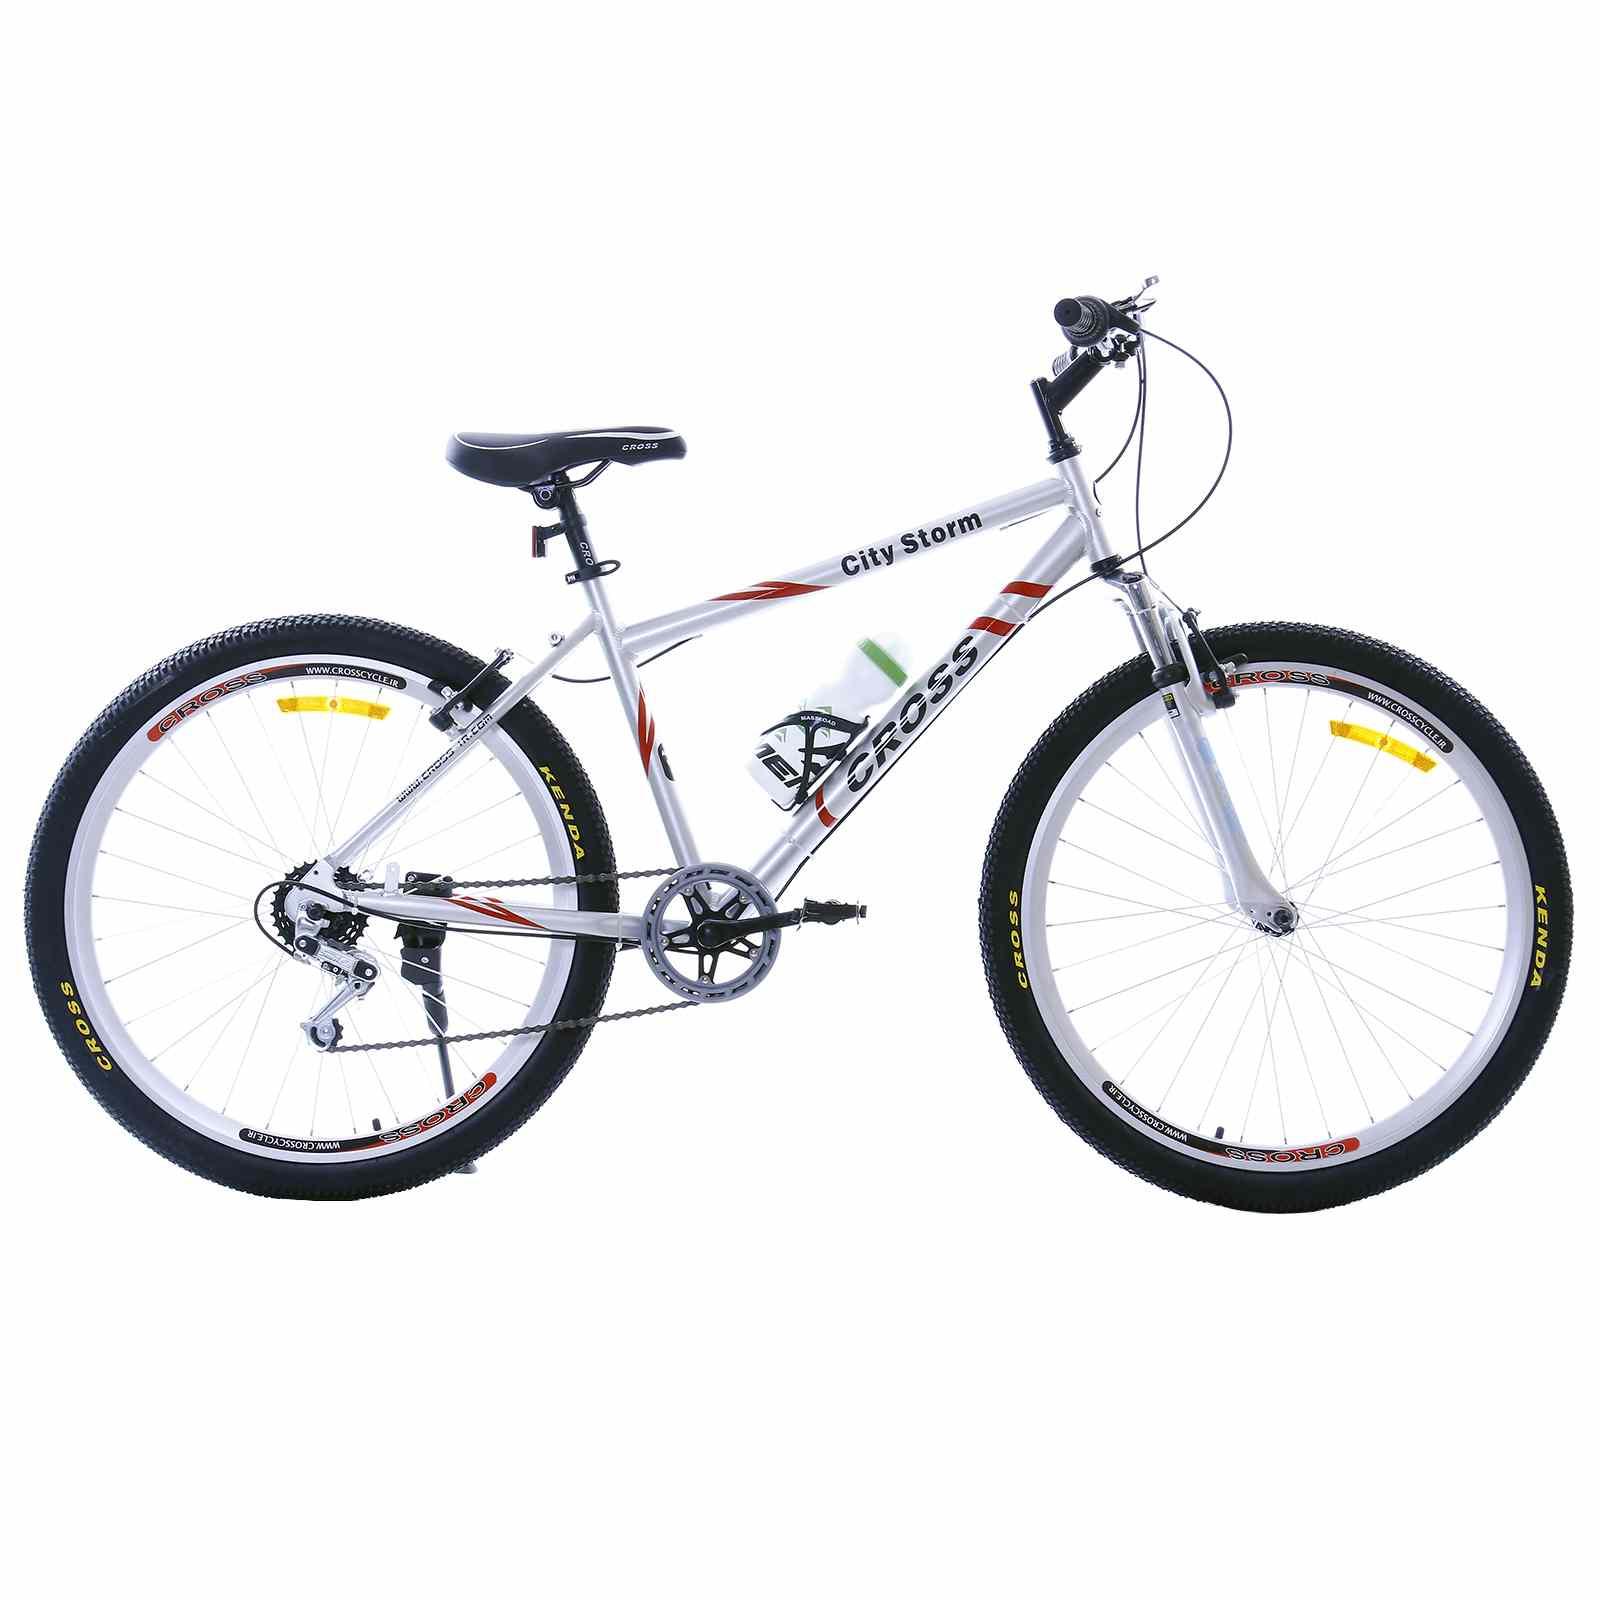 دوچرخه کوهستان کراس مدل City Storm سایز 26